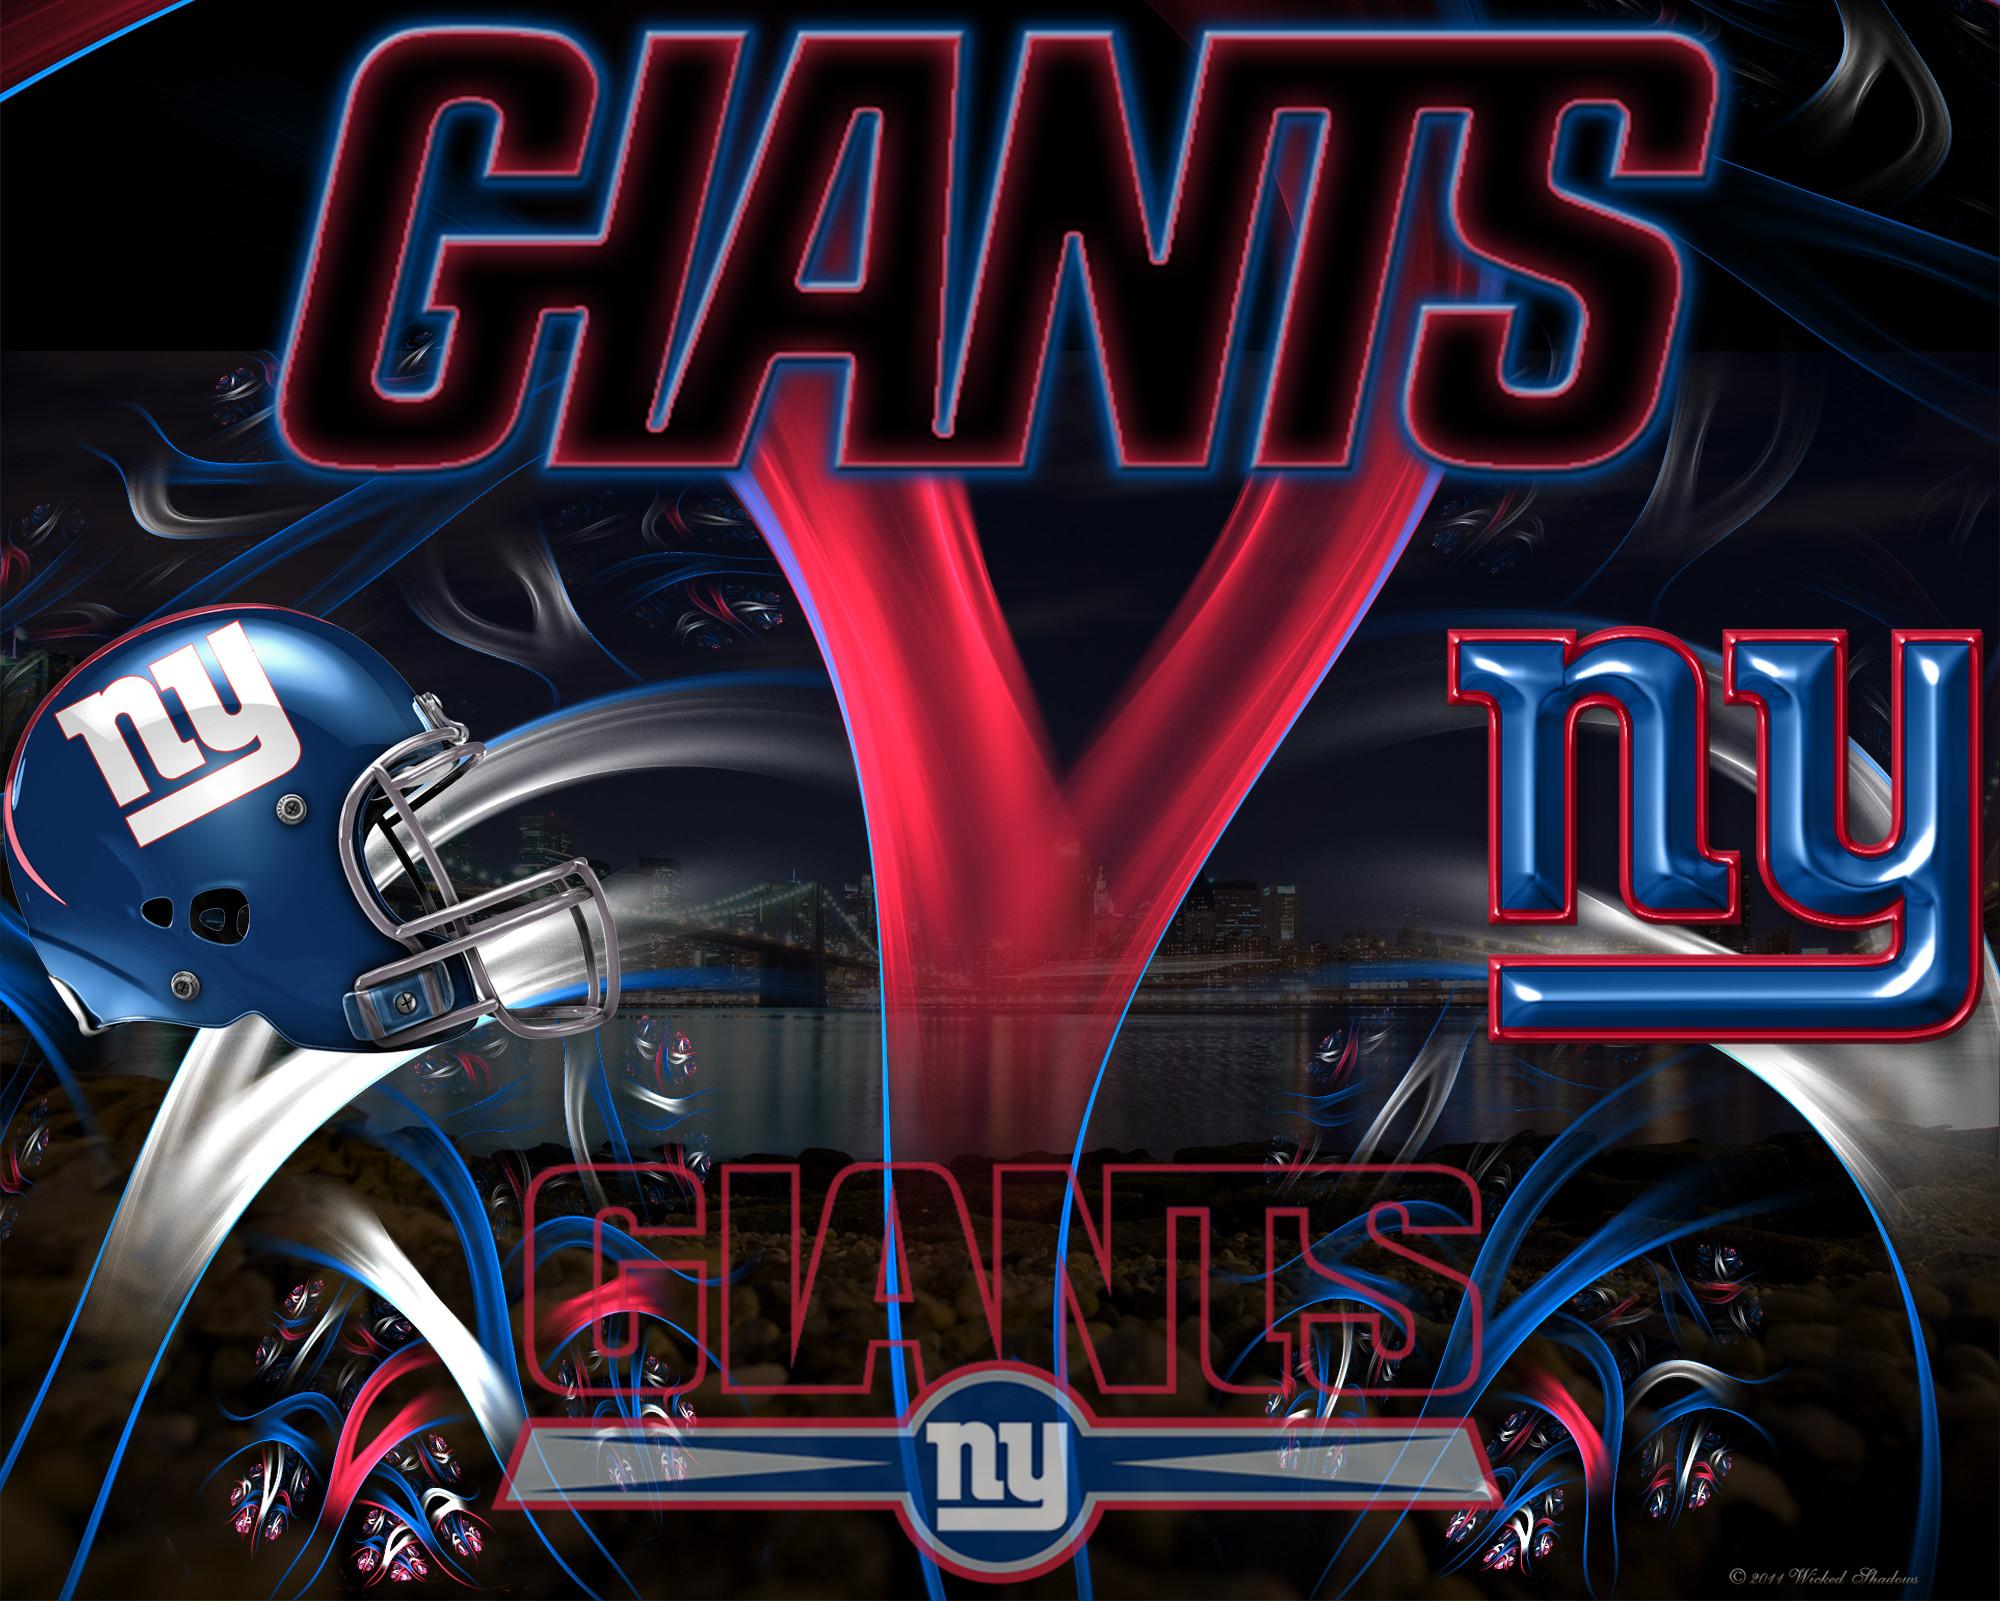 New York Giants wallpaper desktop wallpapers